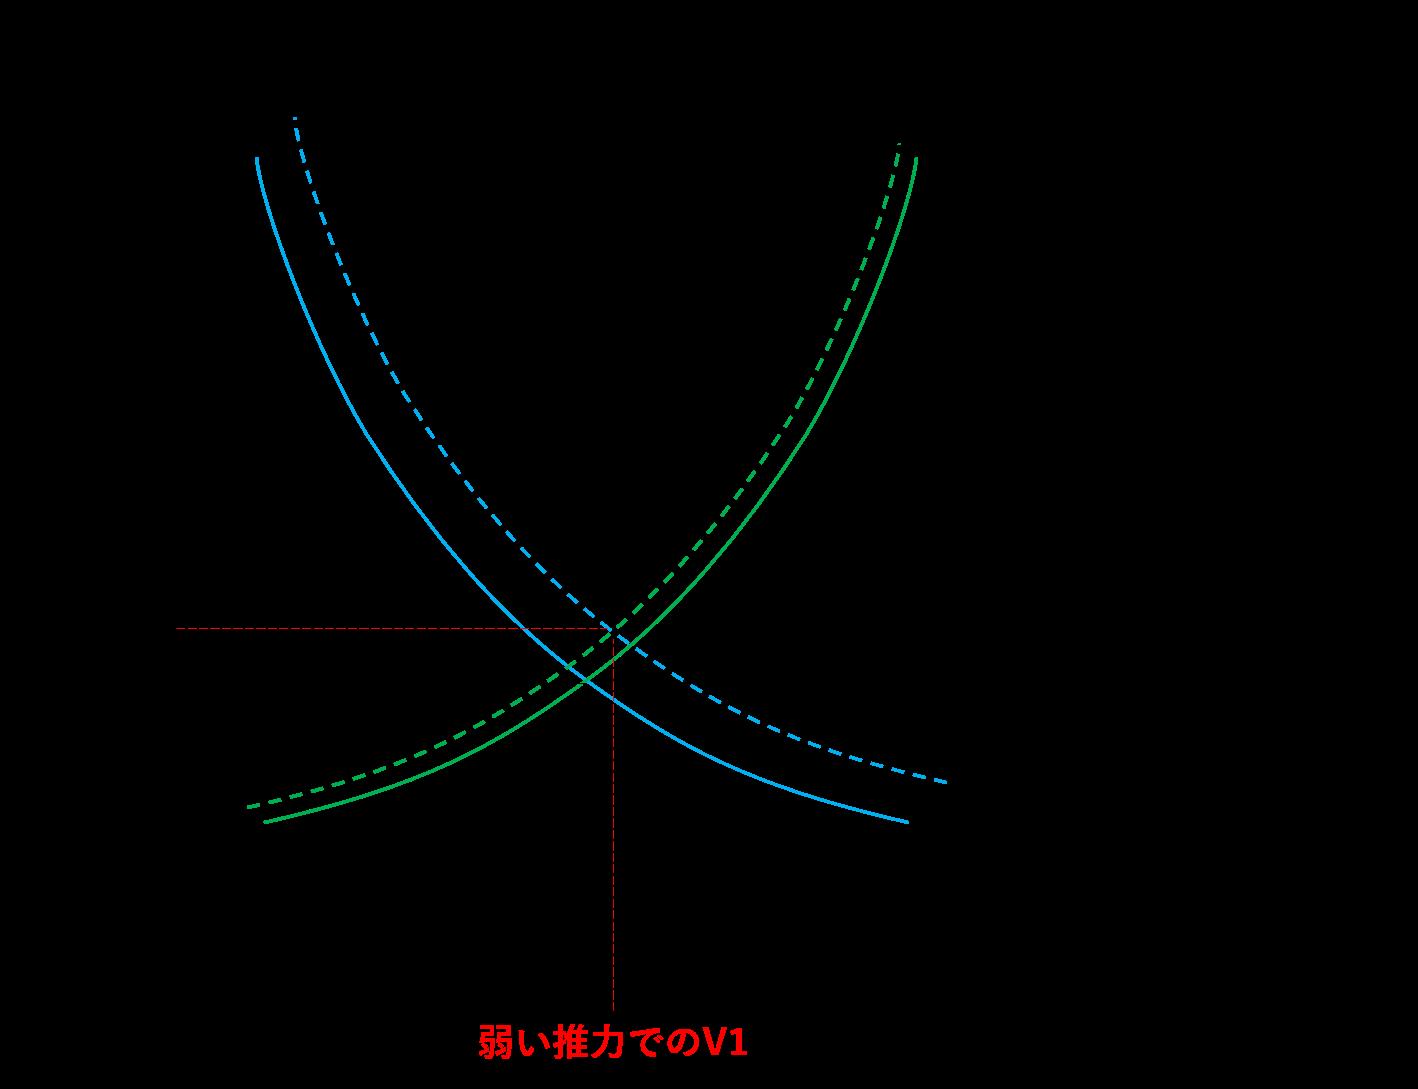 離陸推力が弱い場合のグラフ